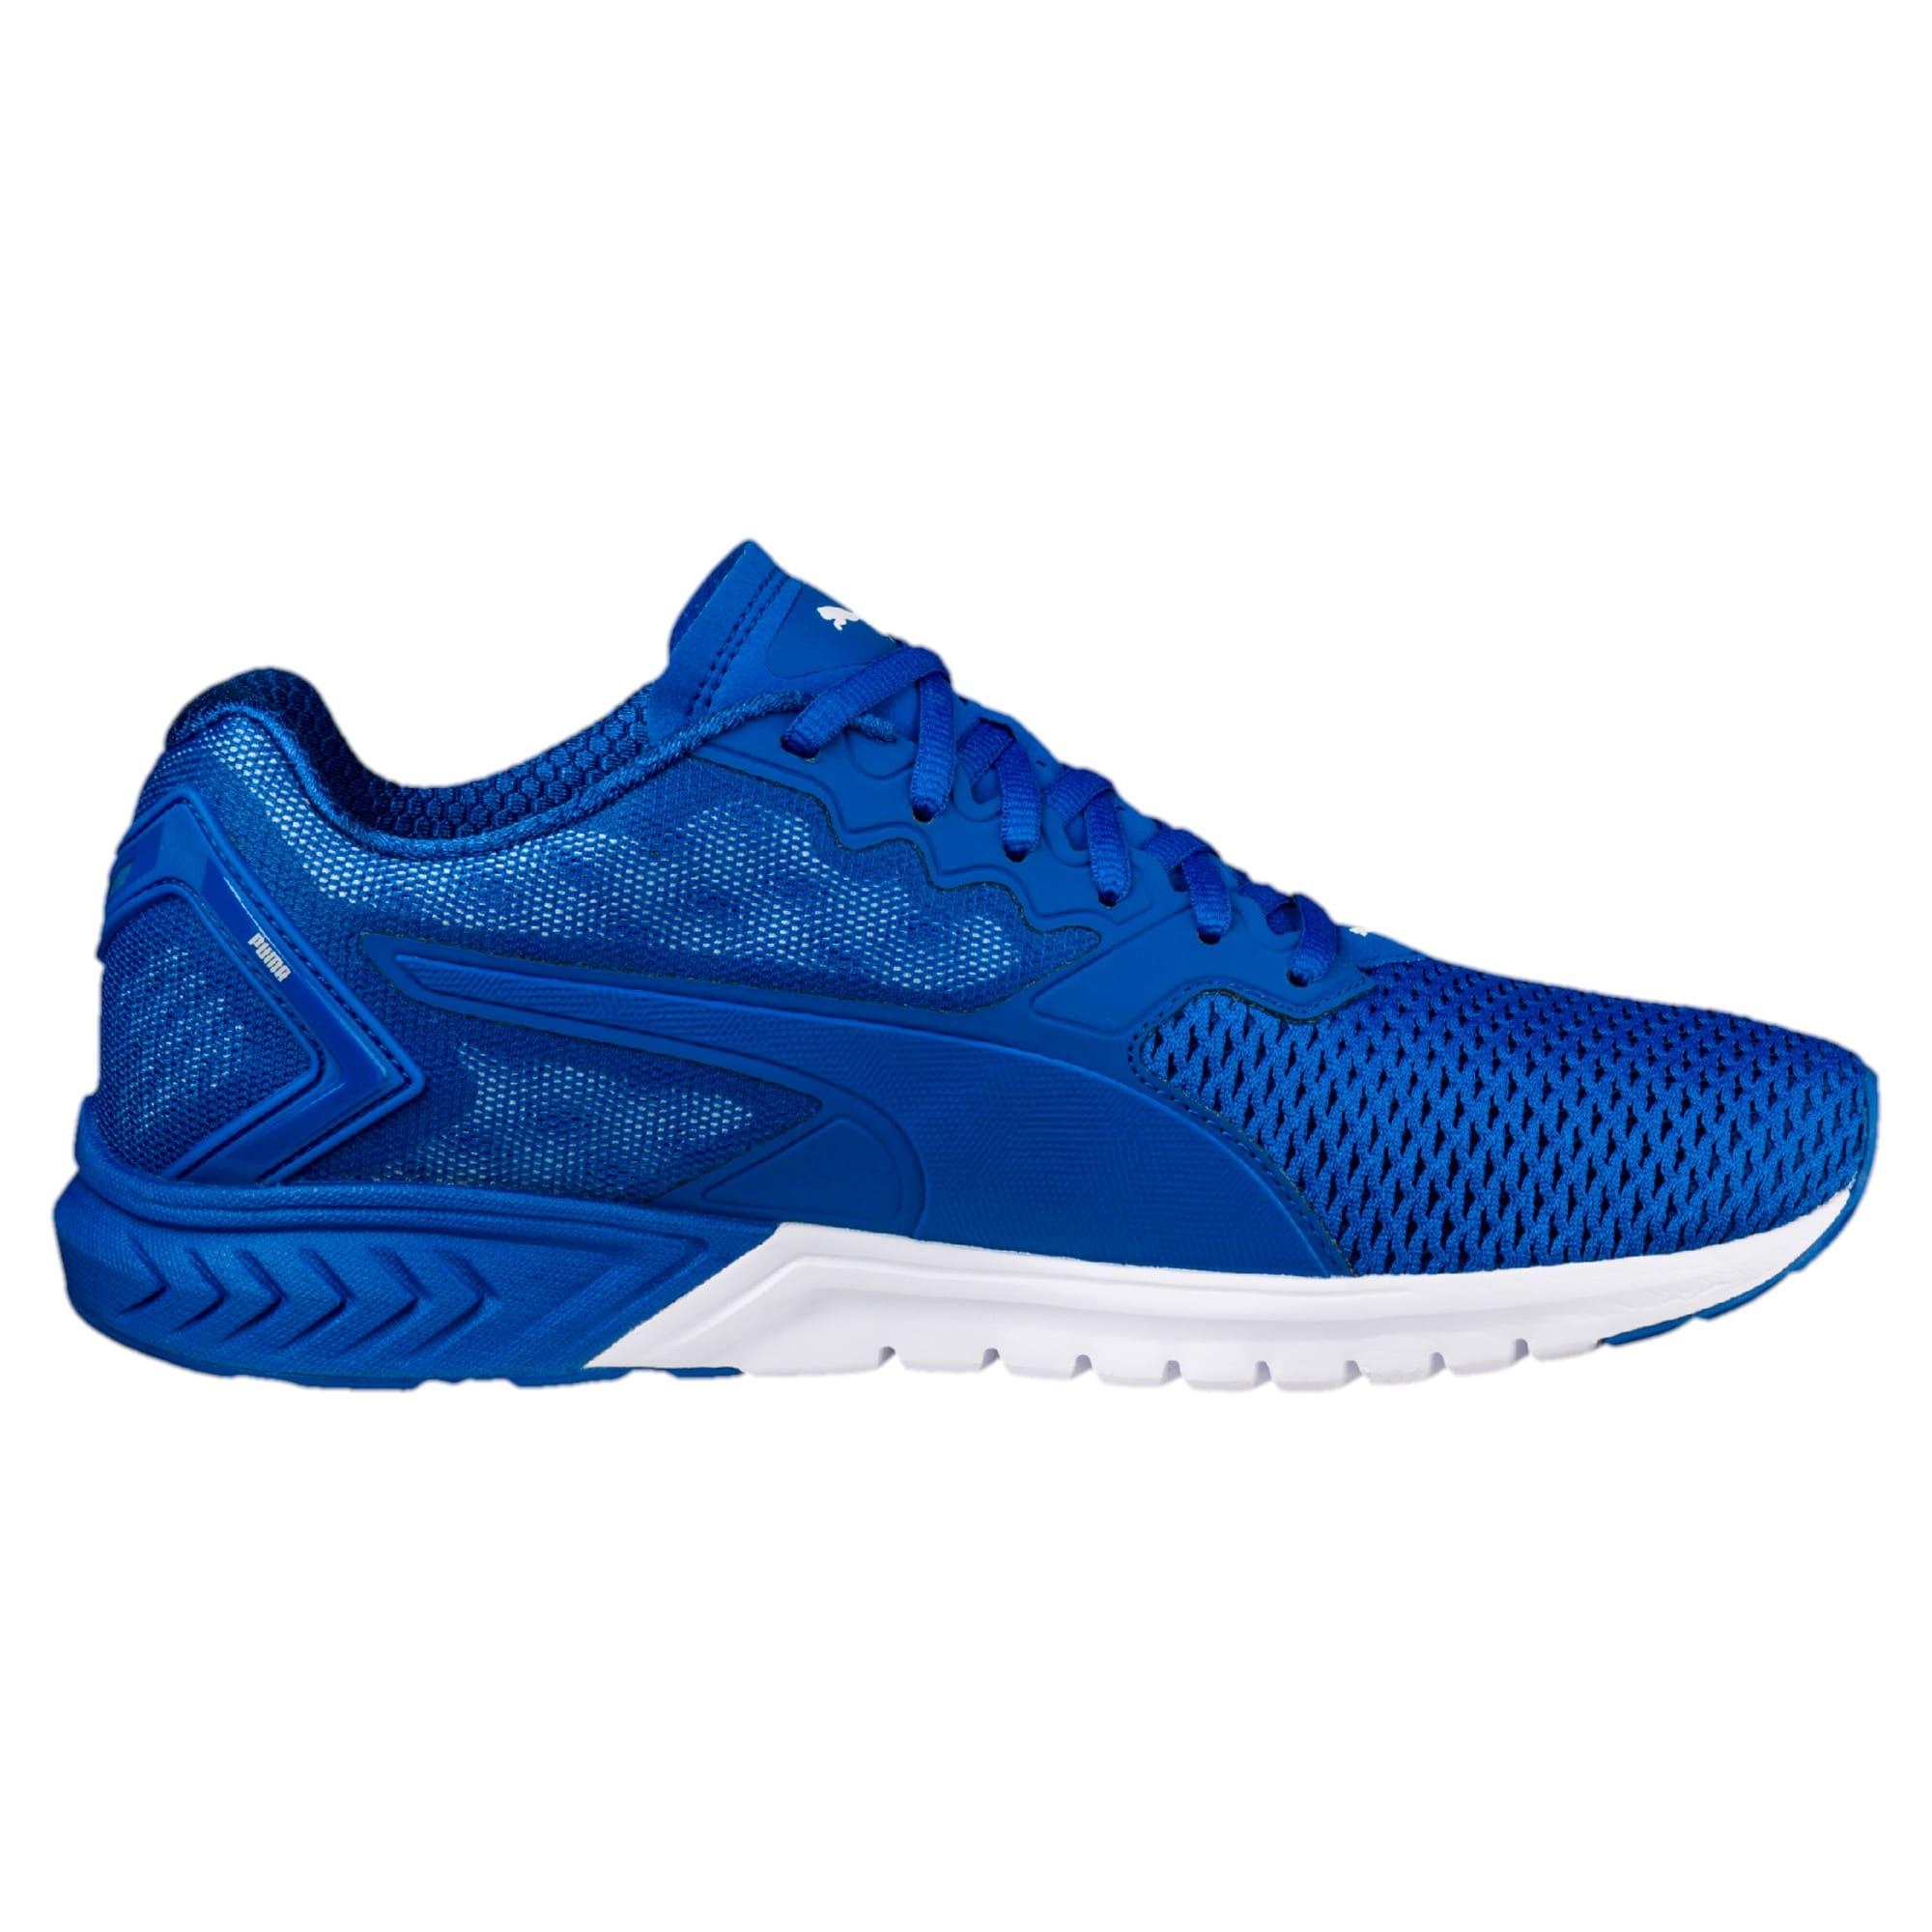 Thumbnail 5 of IGNITE Dual Mesh Men's Running Shoes, Lapis Blue-Quarry, medium-IND